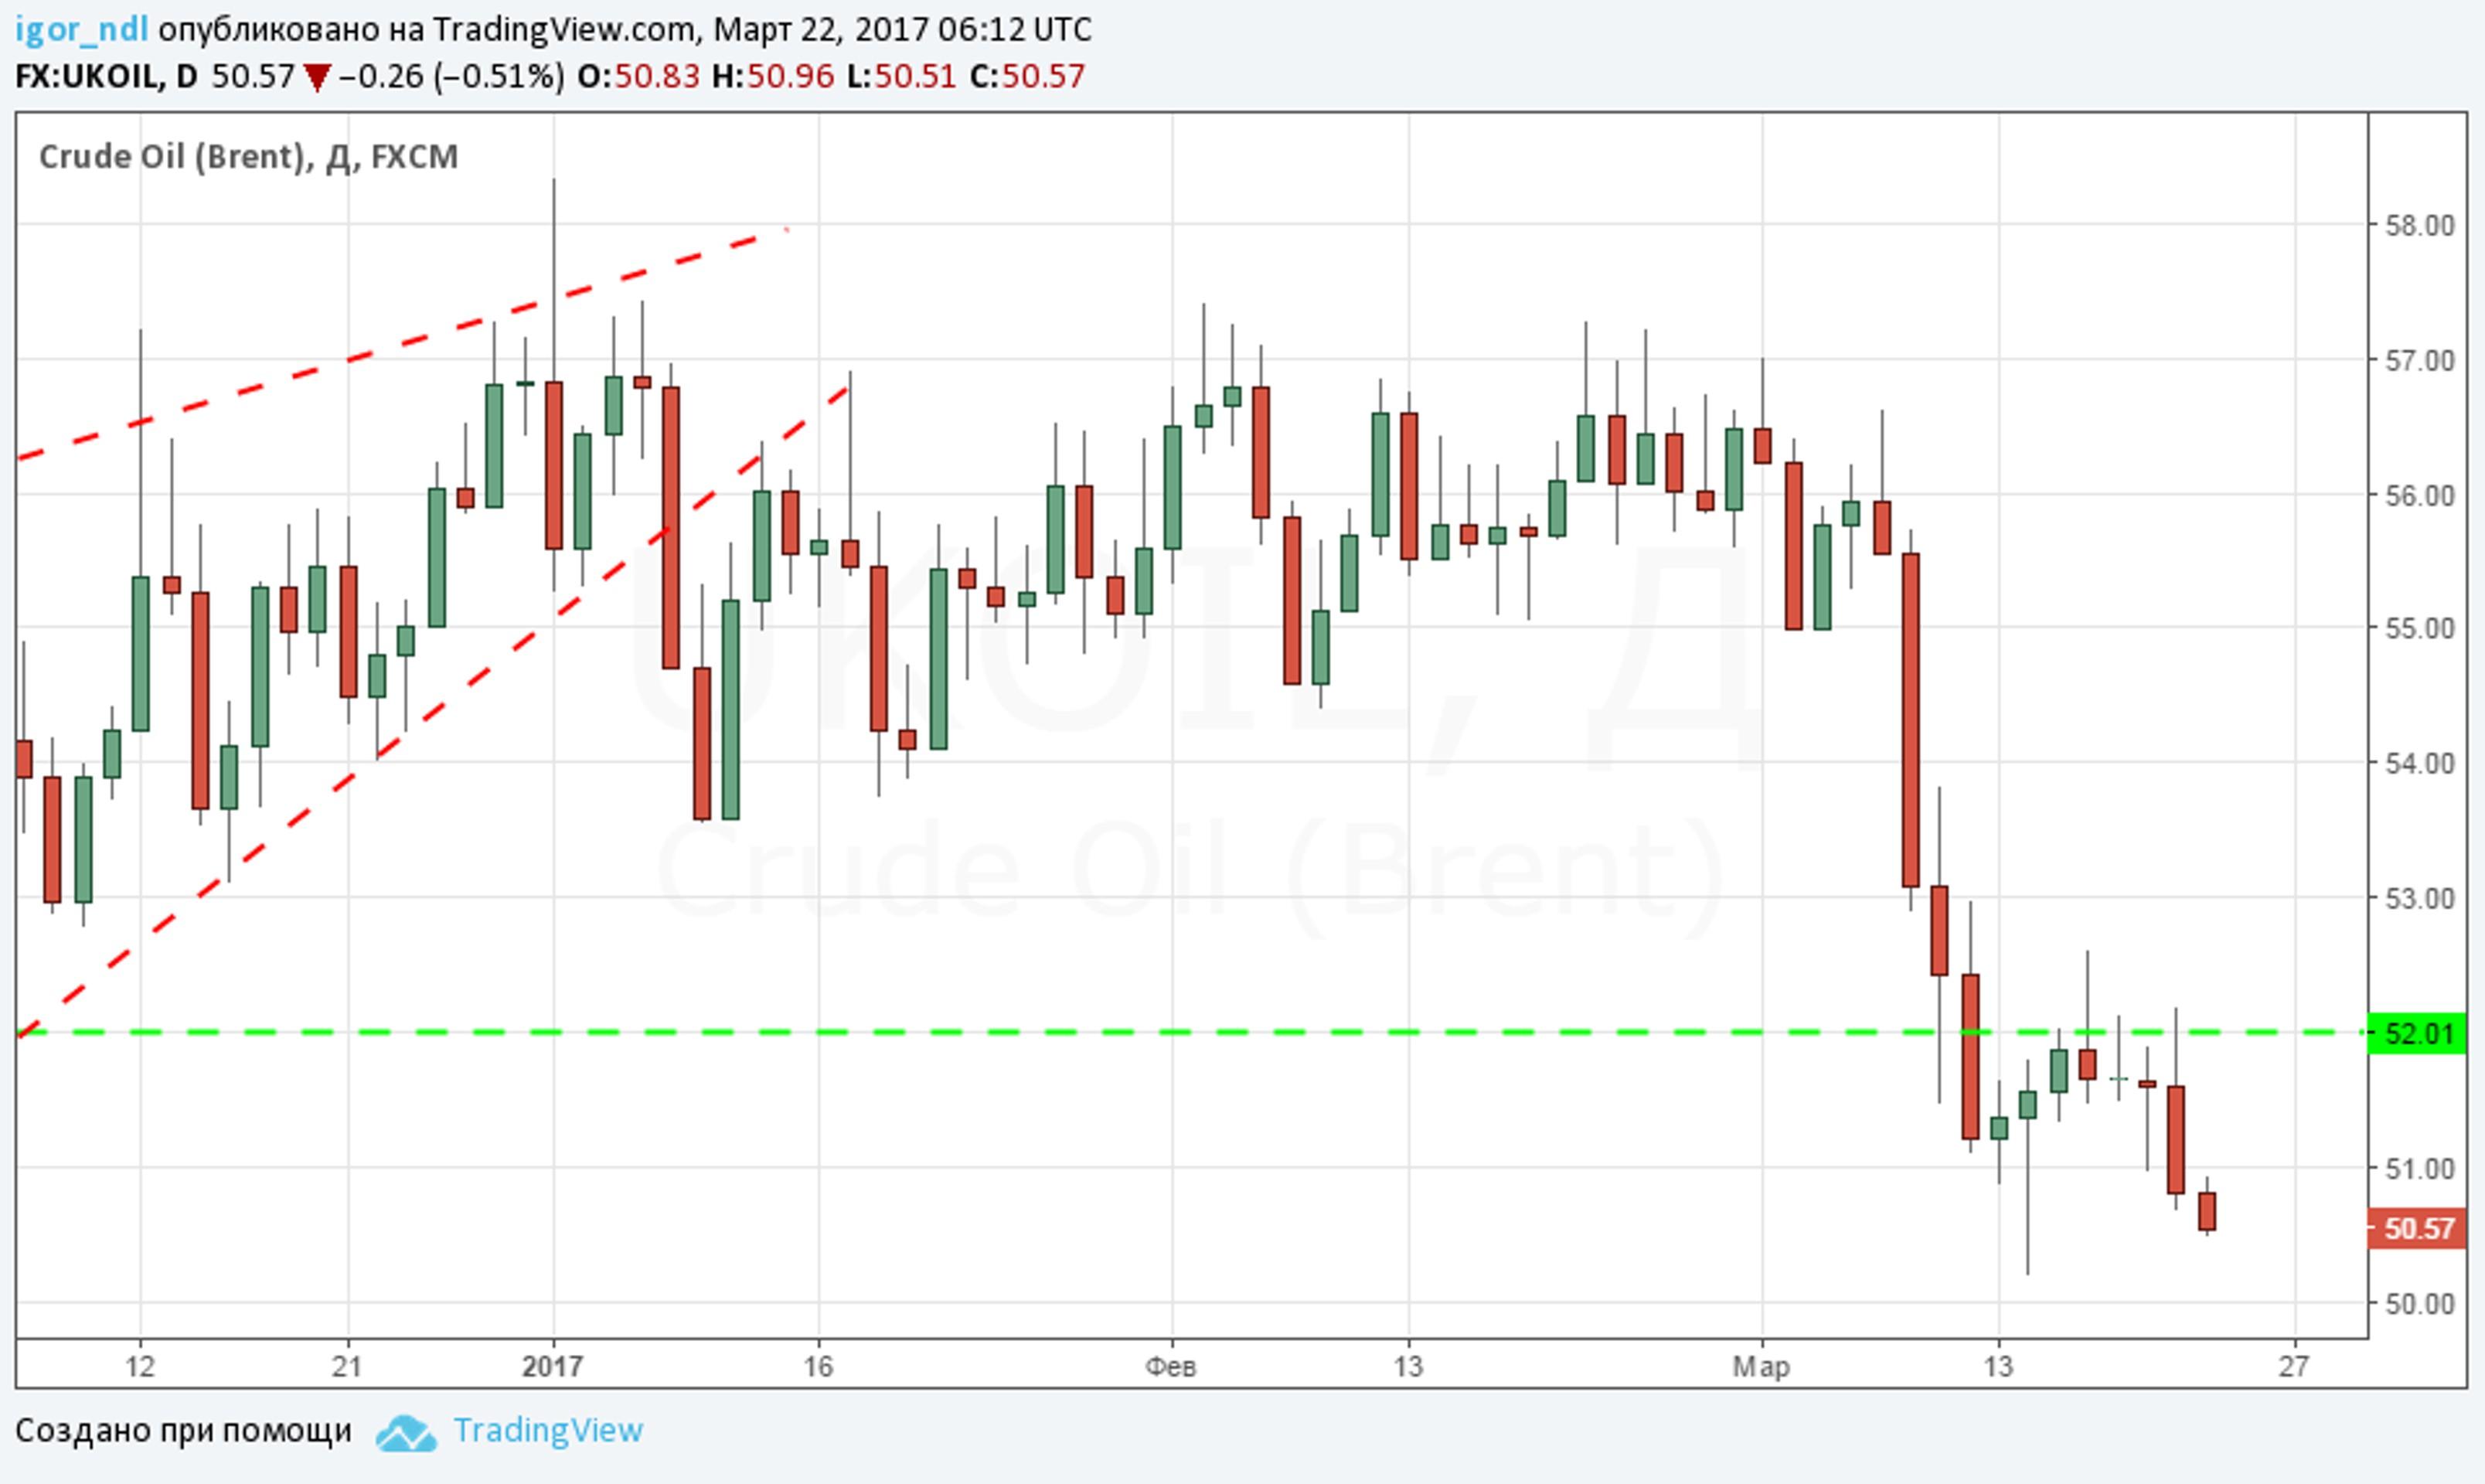 Нефть ушла в пике. Где остановится падение?